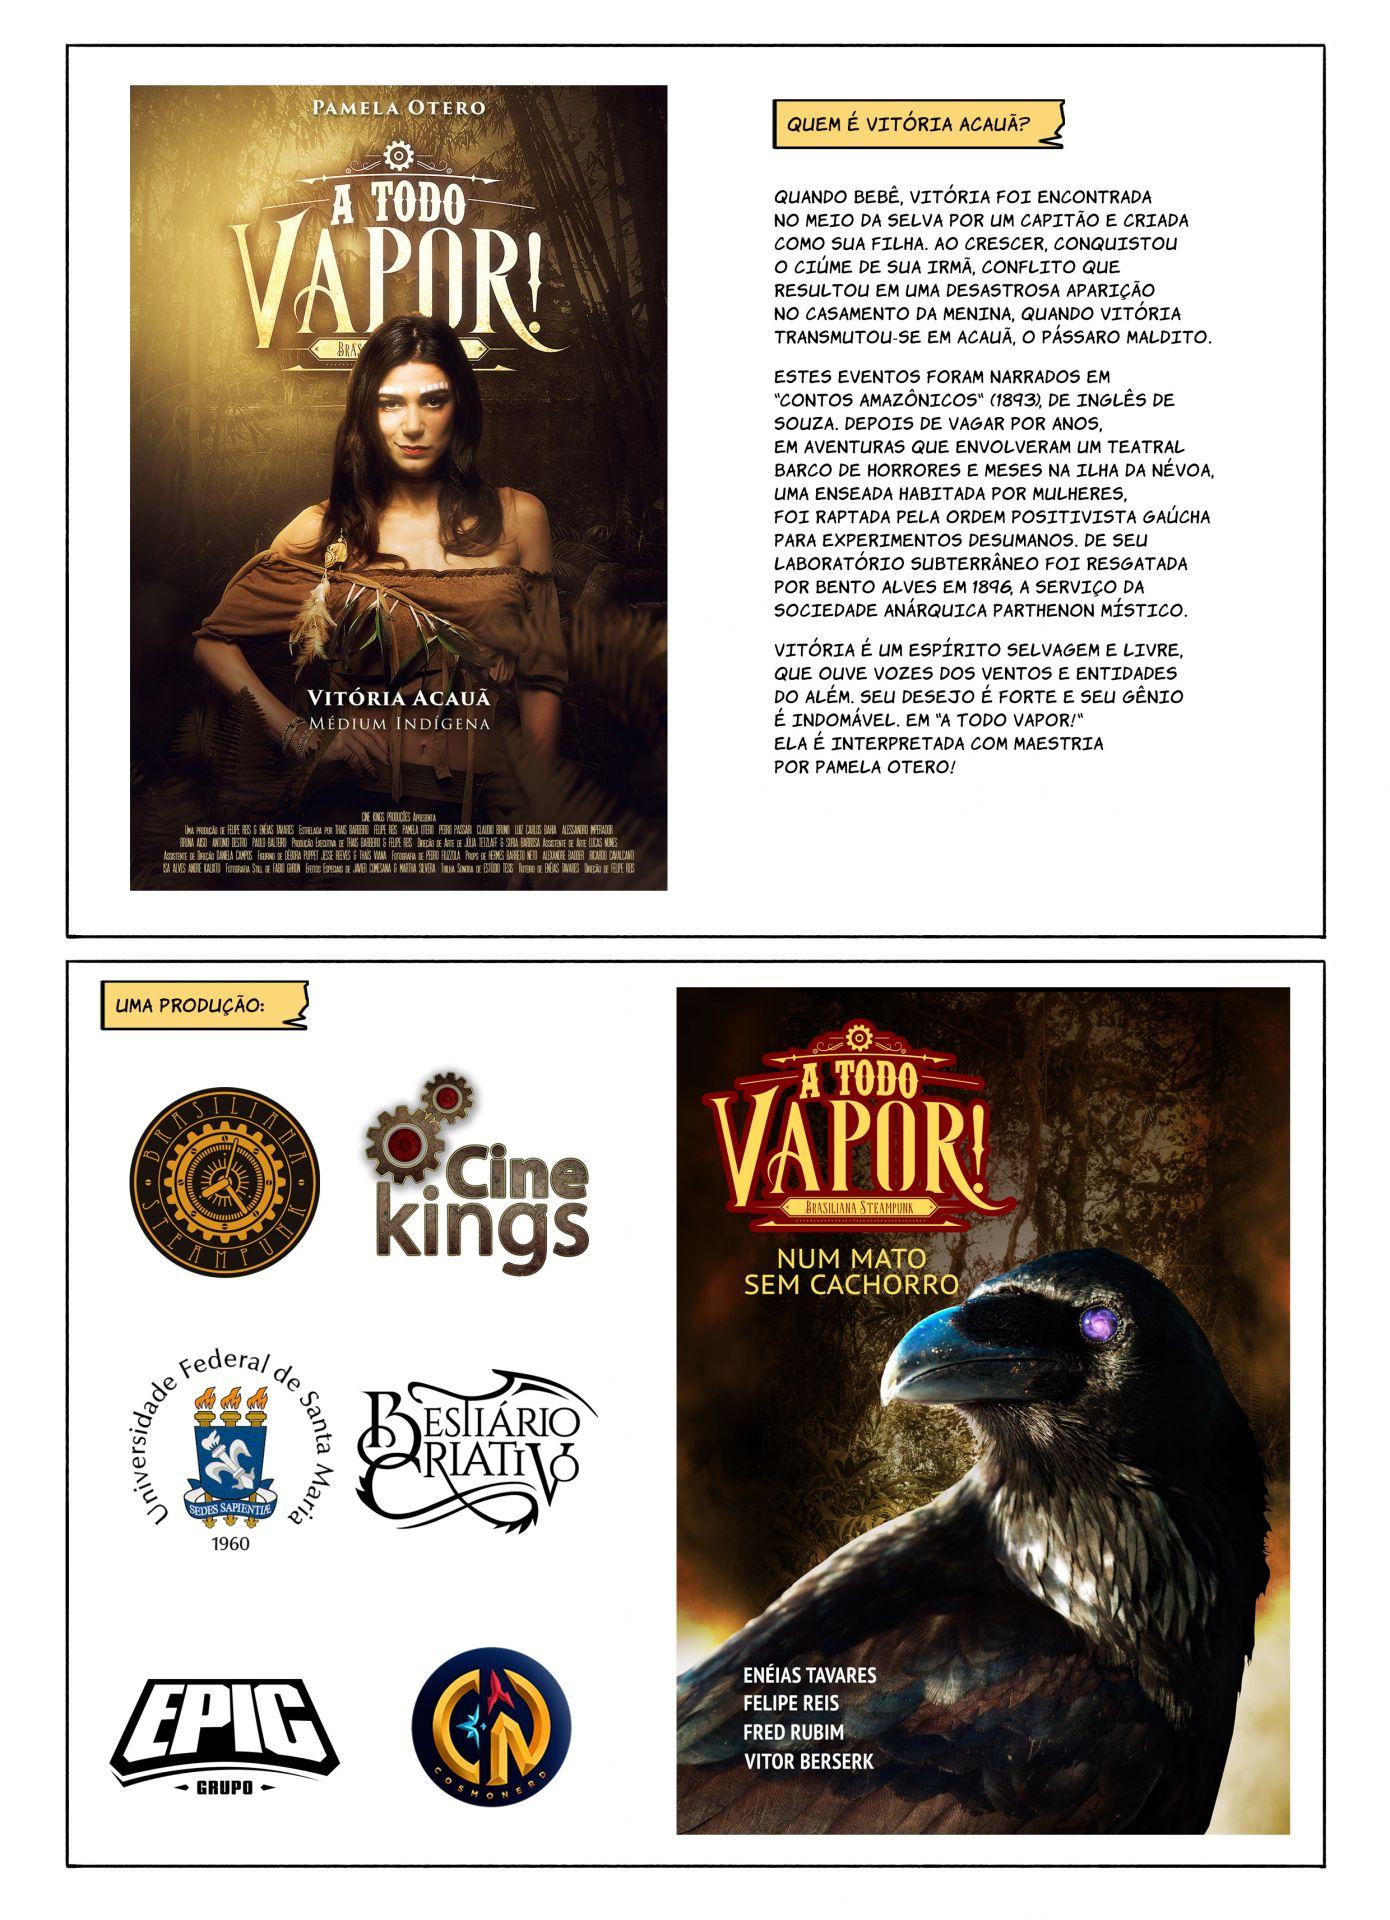 Vitória - Extras (A Todo Vapor - Webcomics)